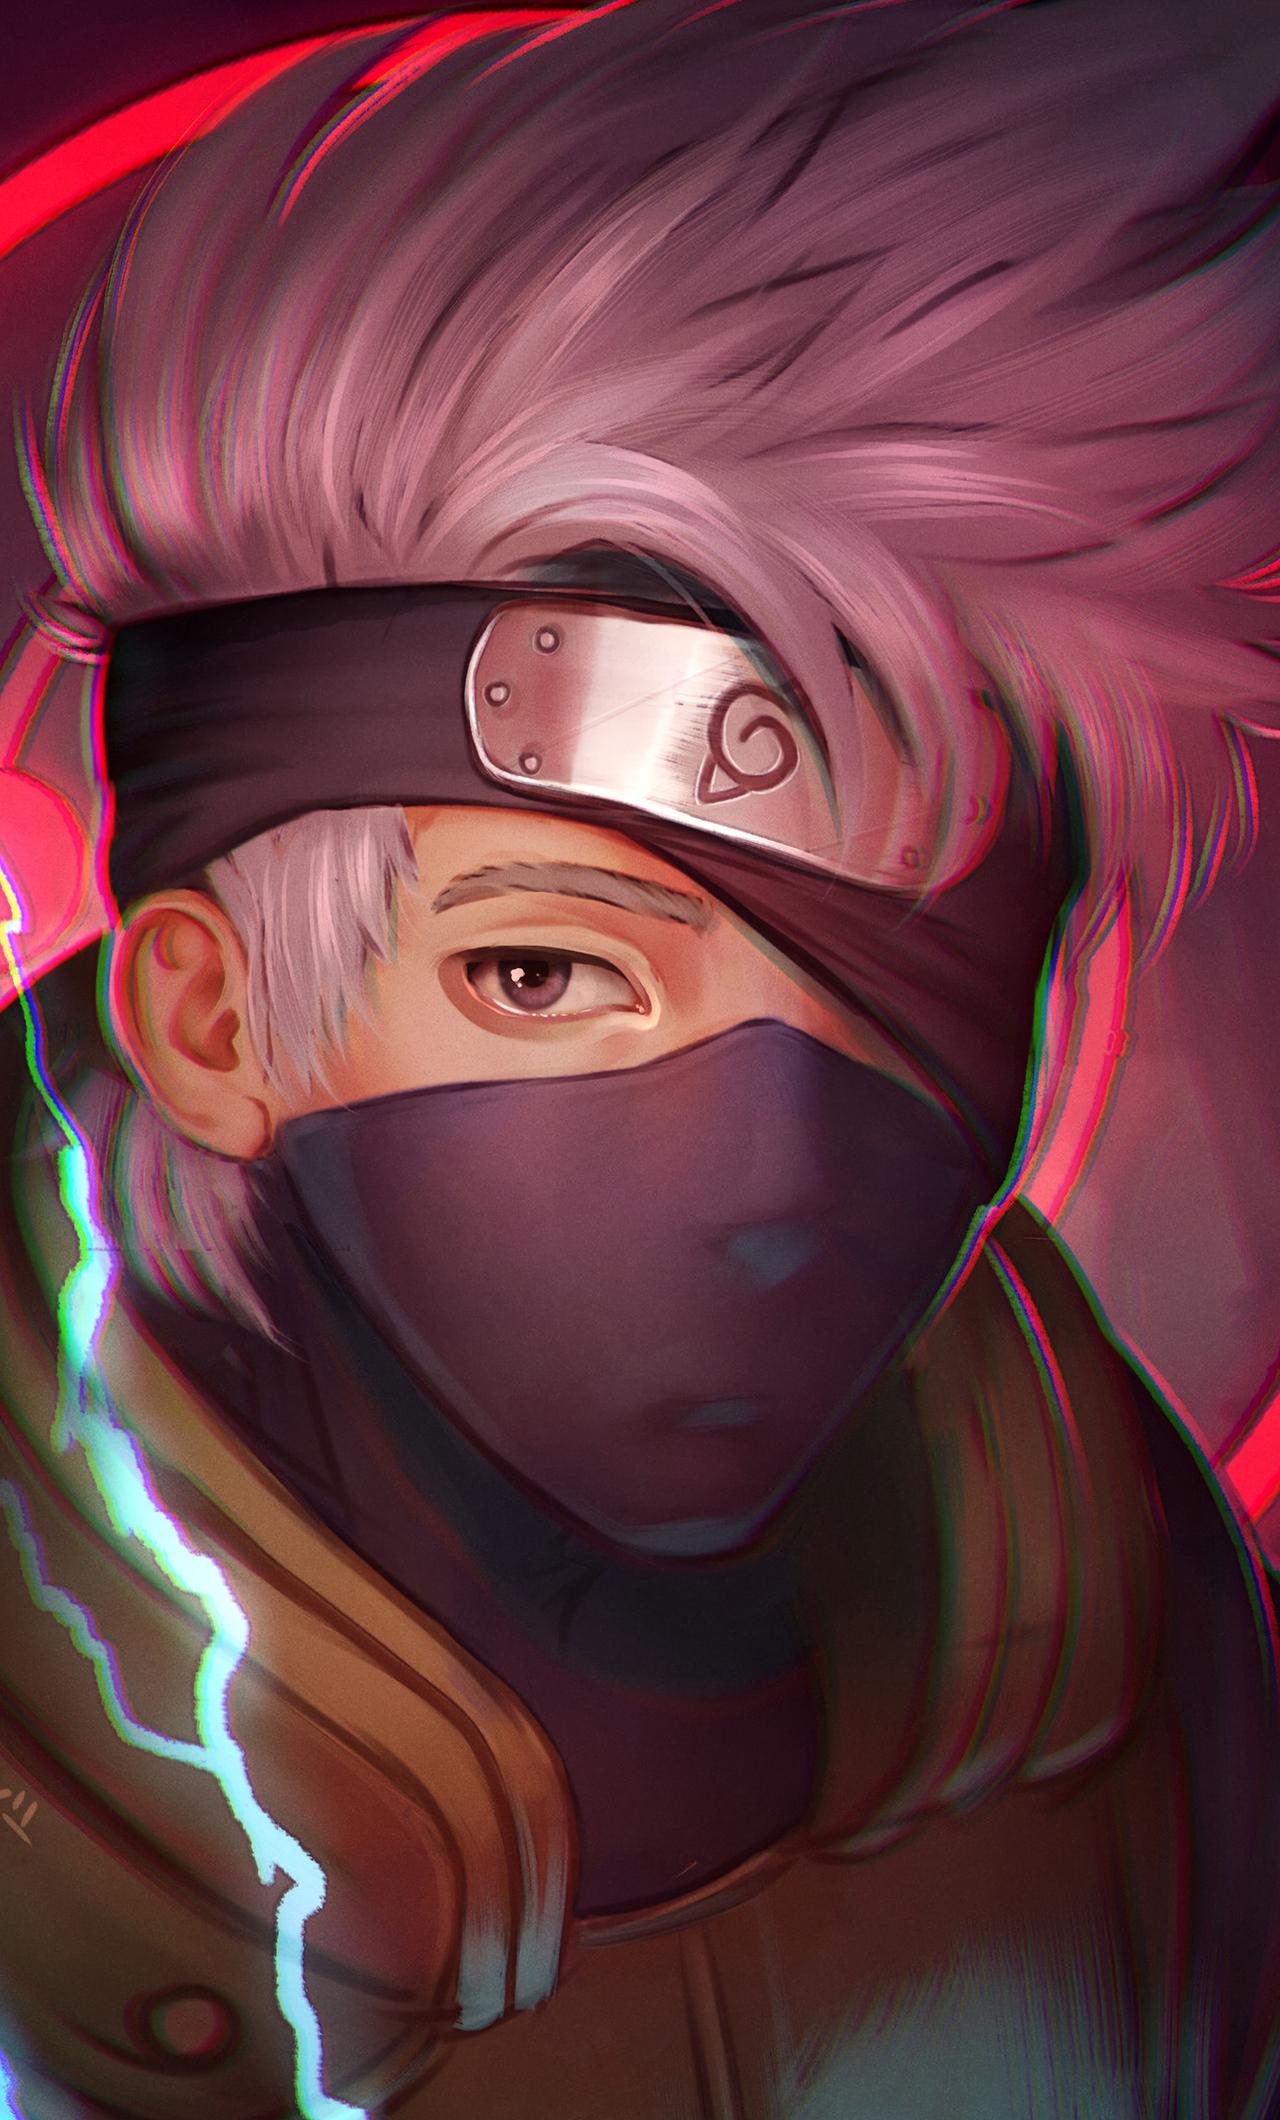 Wallpapers 4k Para Celular - Naruto Wallpaper 4k Kakashi ...